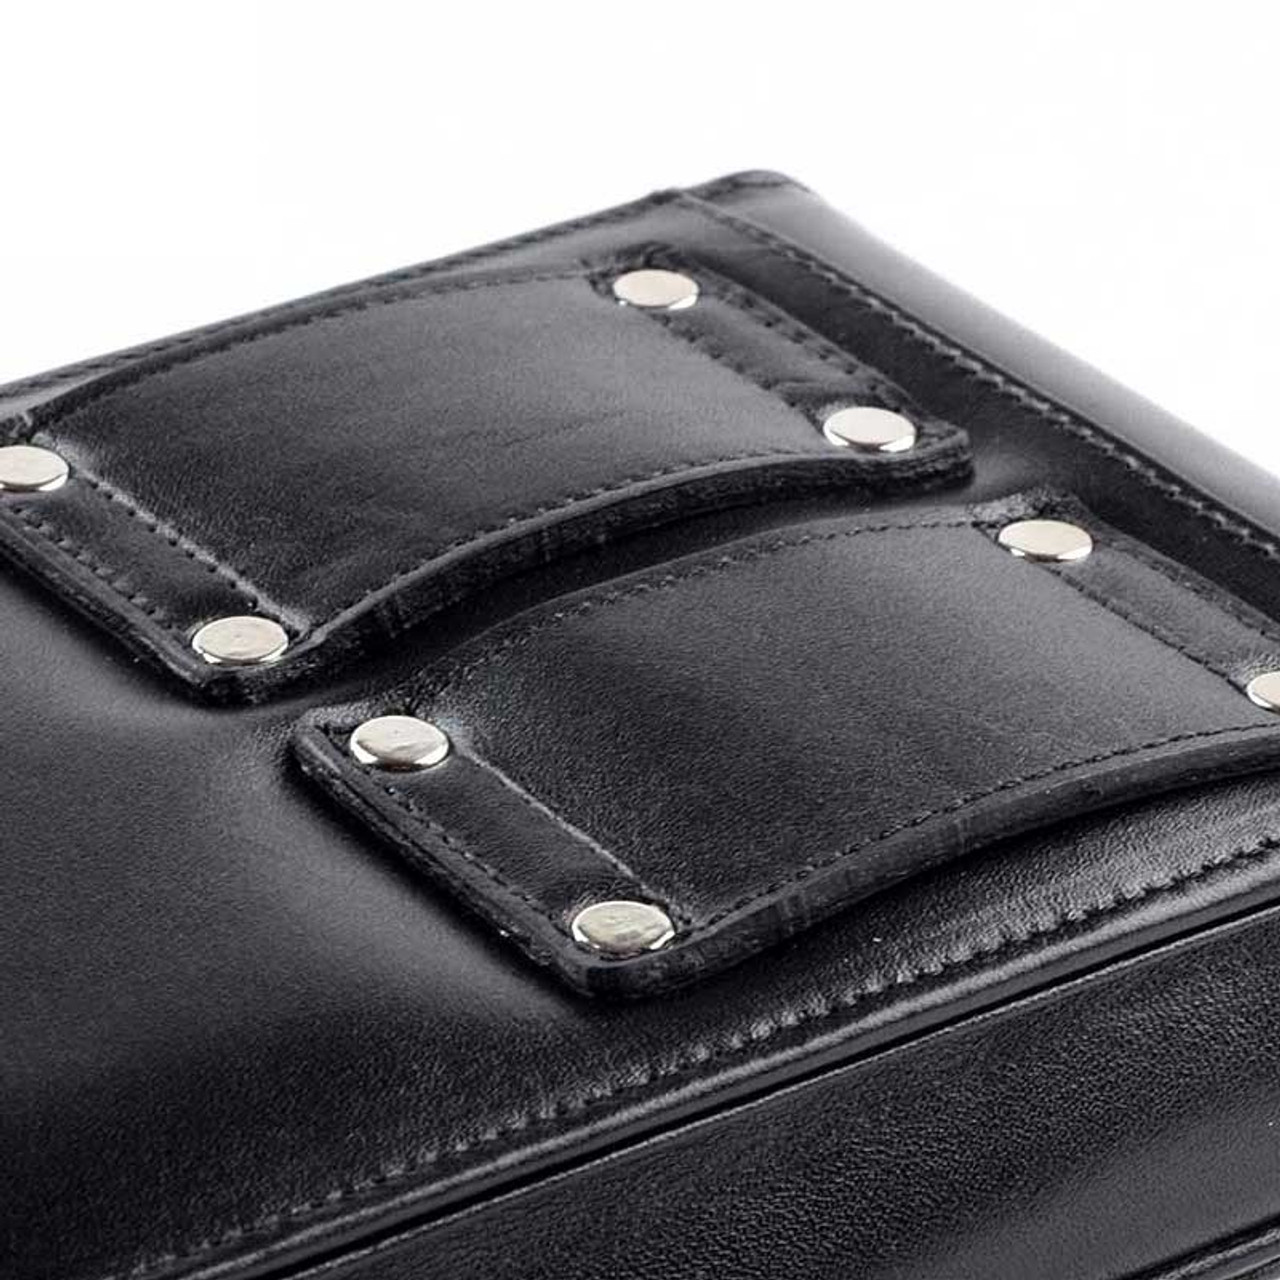 Taurus 709 Slim Concealed Carry Holster (Belt Loop)